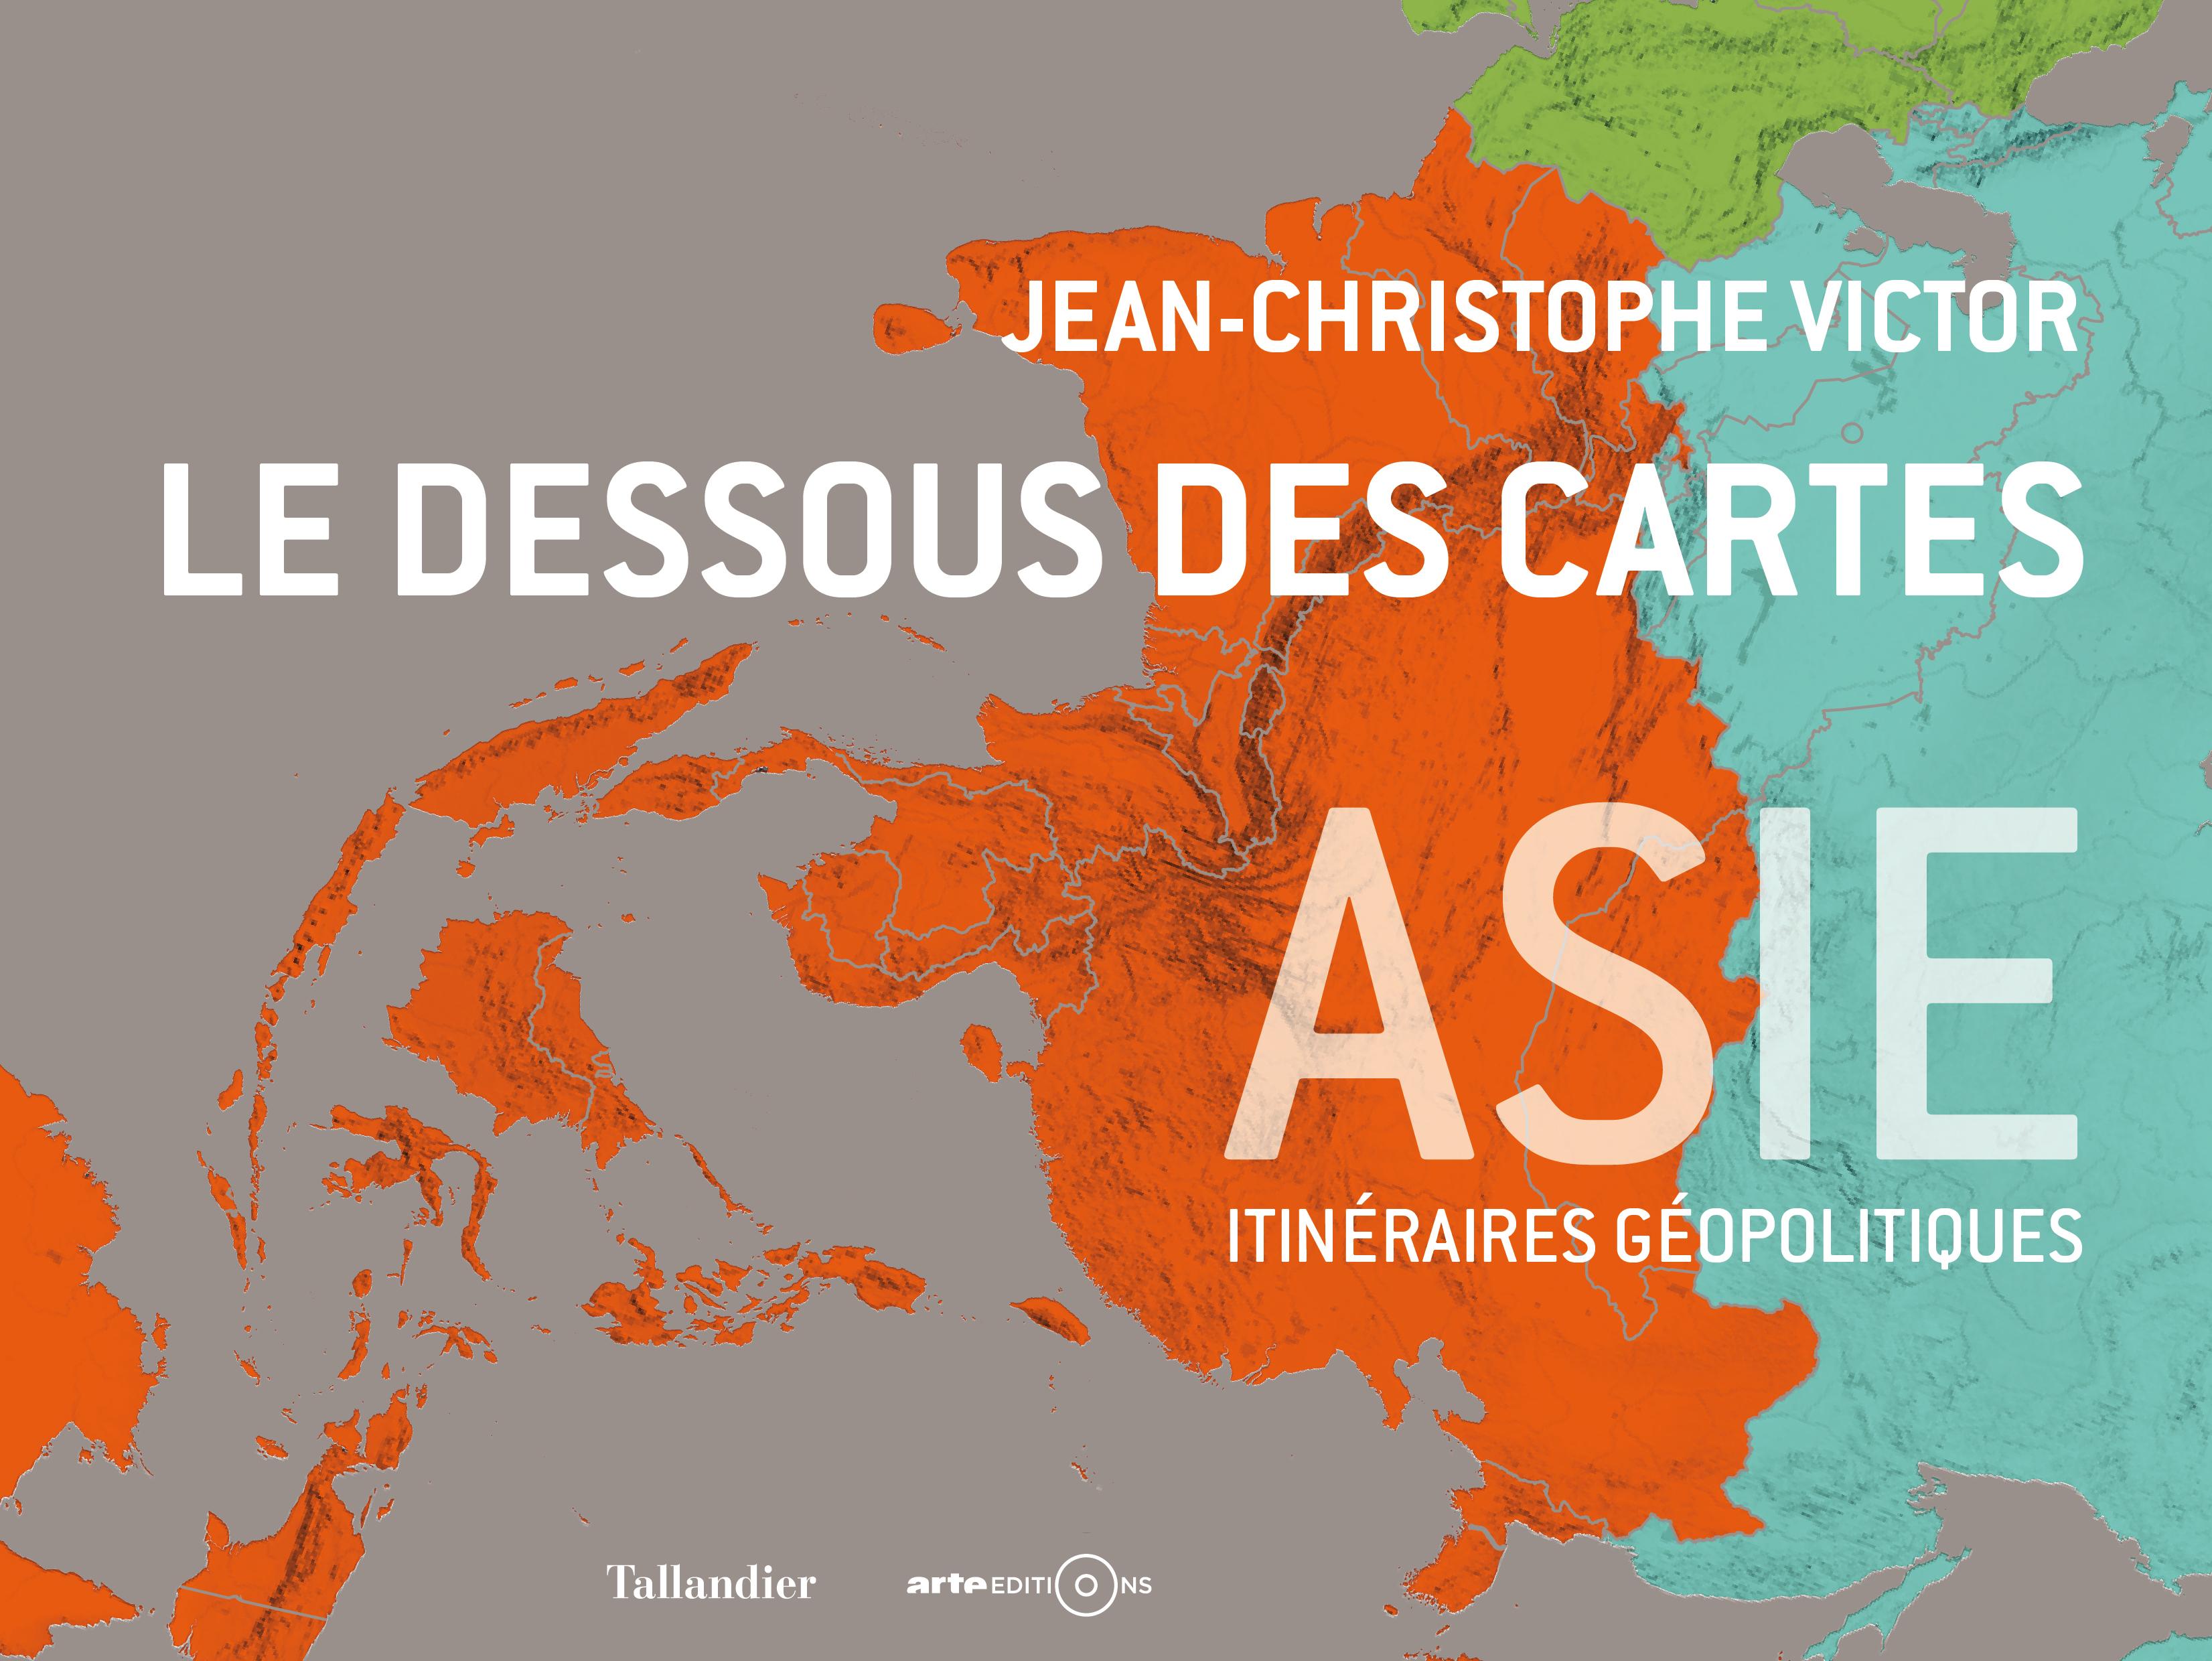 Le dessous des cartes : Asie